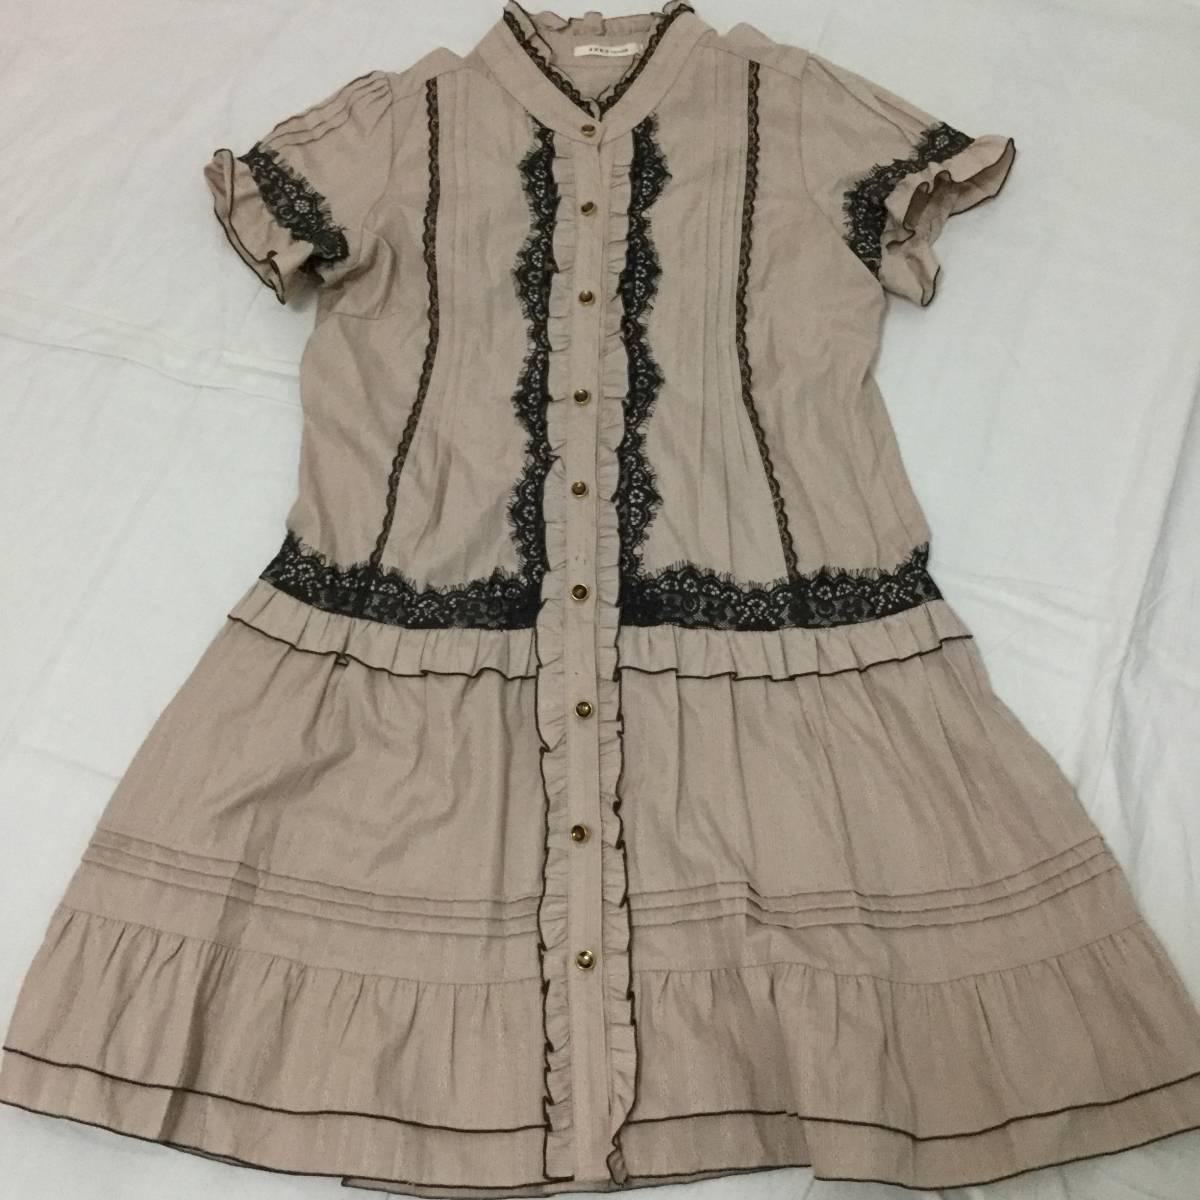 axes femme コート+おまけセット サイズM ブラウン ブラウス スカート アクシーズファム 0117A